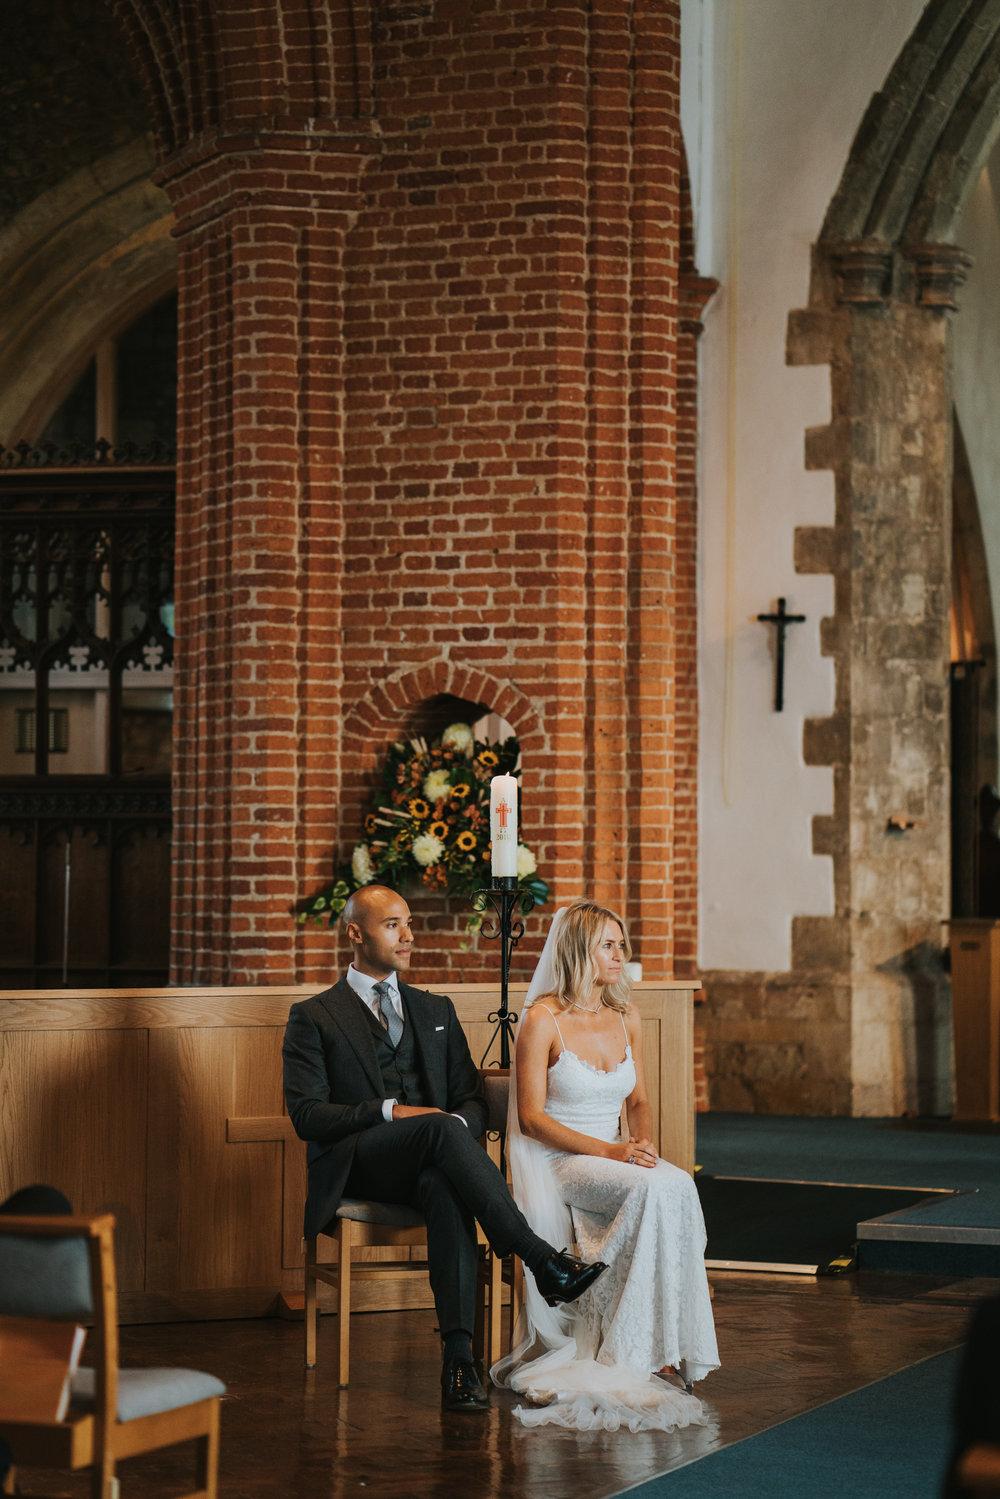 intimate-english-church-wedding-sarah-alex-colchester-essex-grace-elizabeth-colchester-essex-alternative-wedding-lifestyle-photographer-essex-suffolk-norfolk-devon (37 of 92).jpg